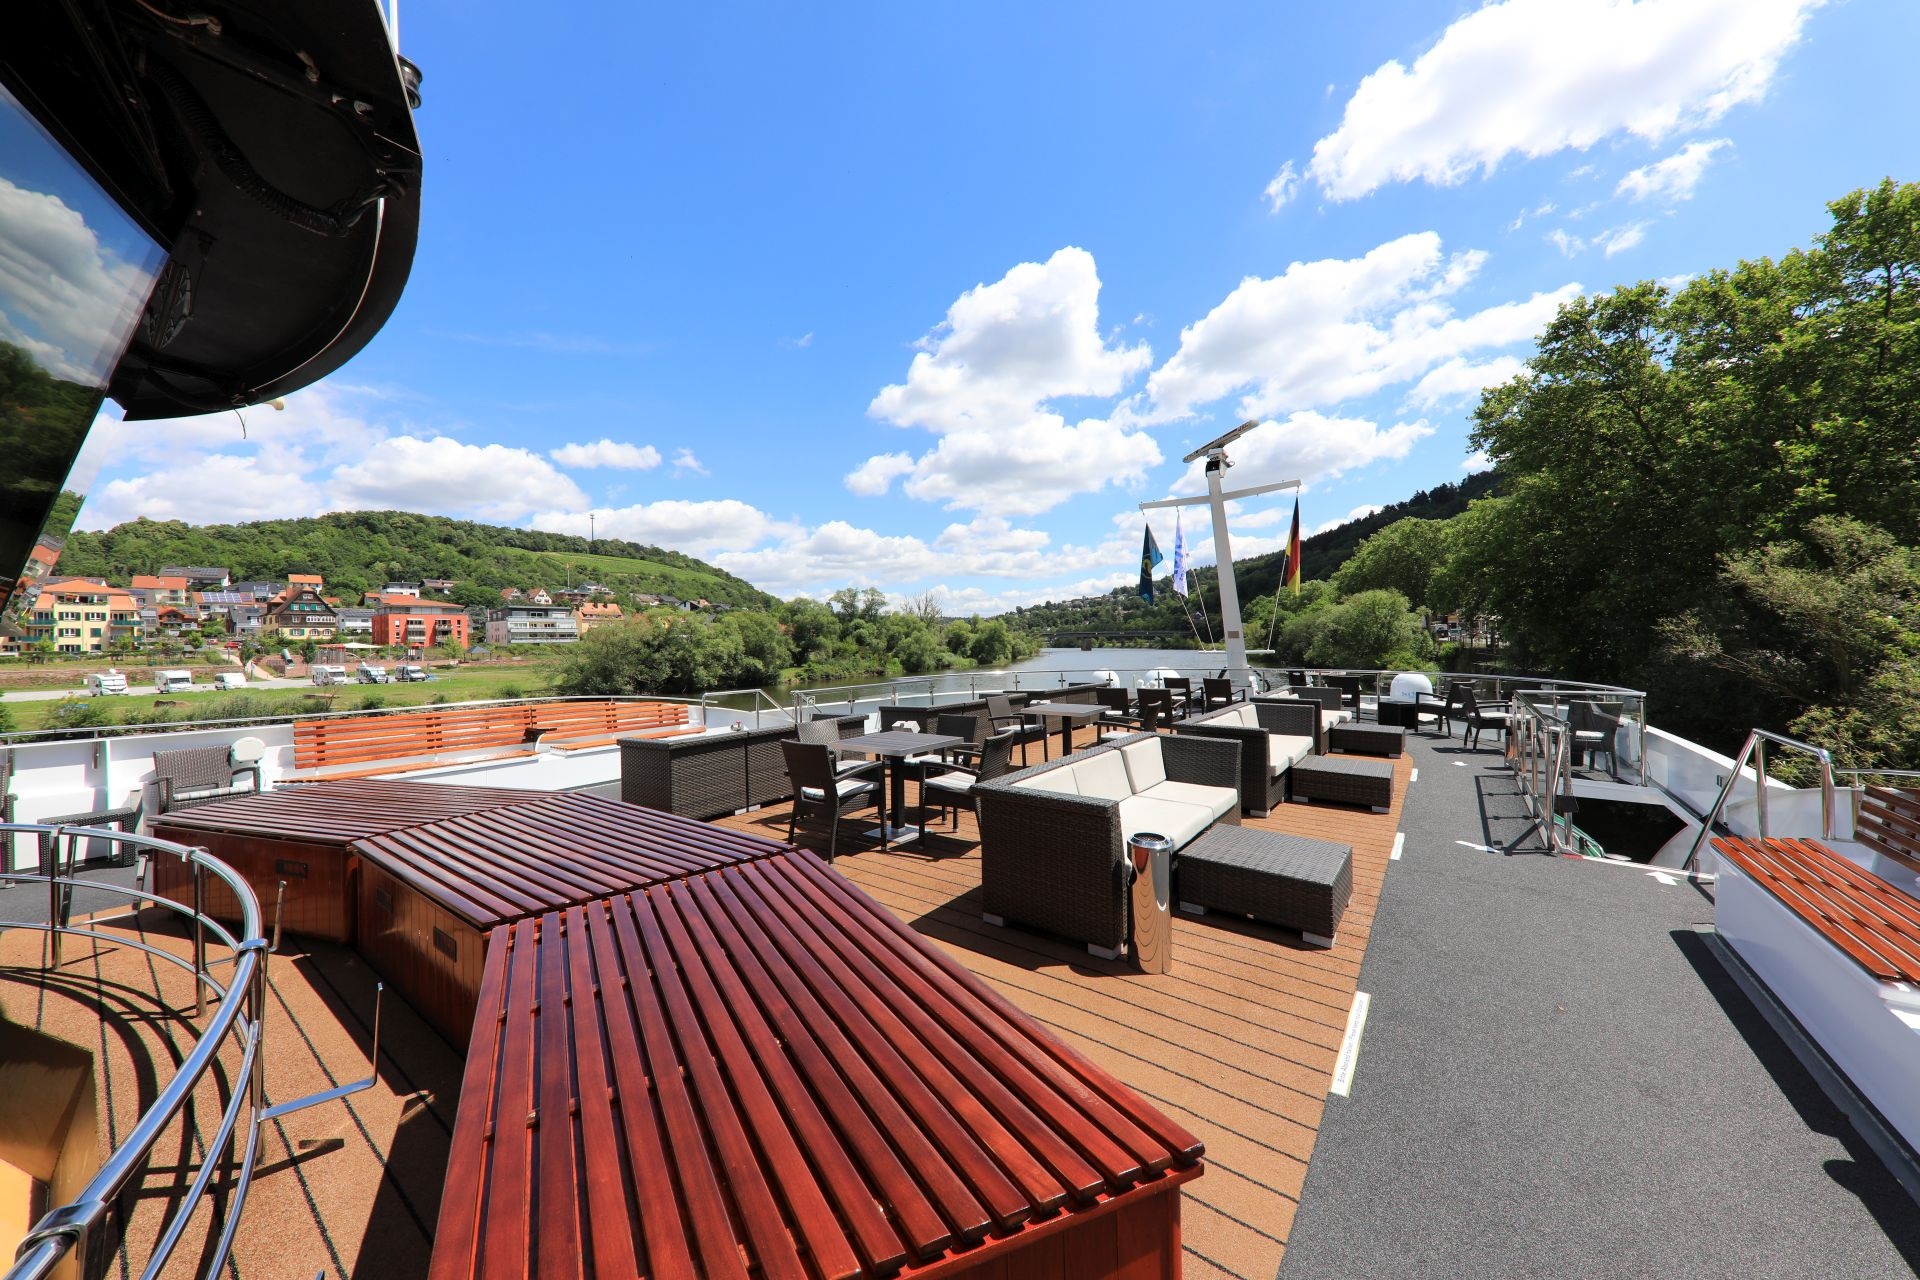 Bei einer Auktion von VIVA Cruises und e-hoi können Interessierte eine Flusskreuzfahrt auf der MS TREASURES für 76 Gäste ersteigern.